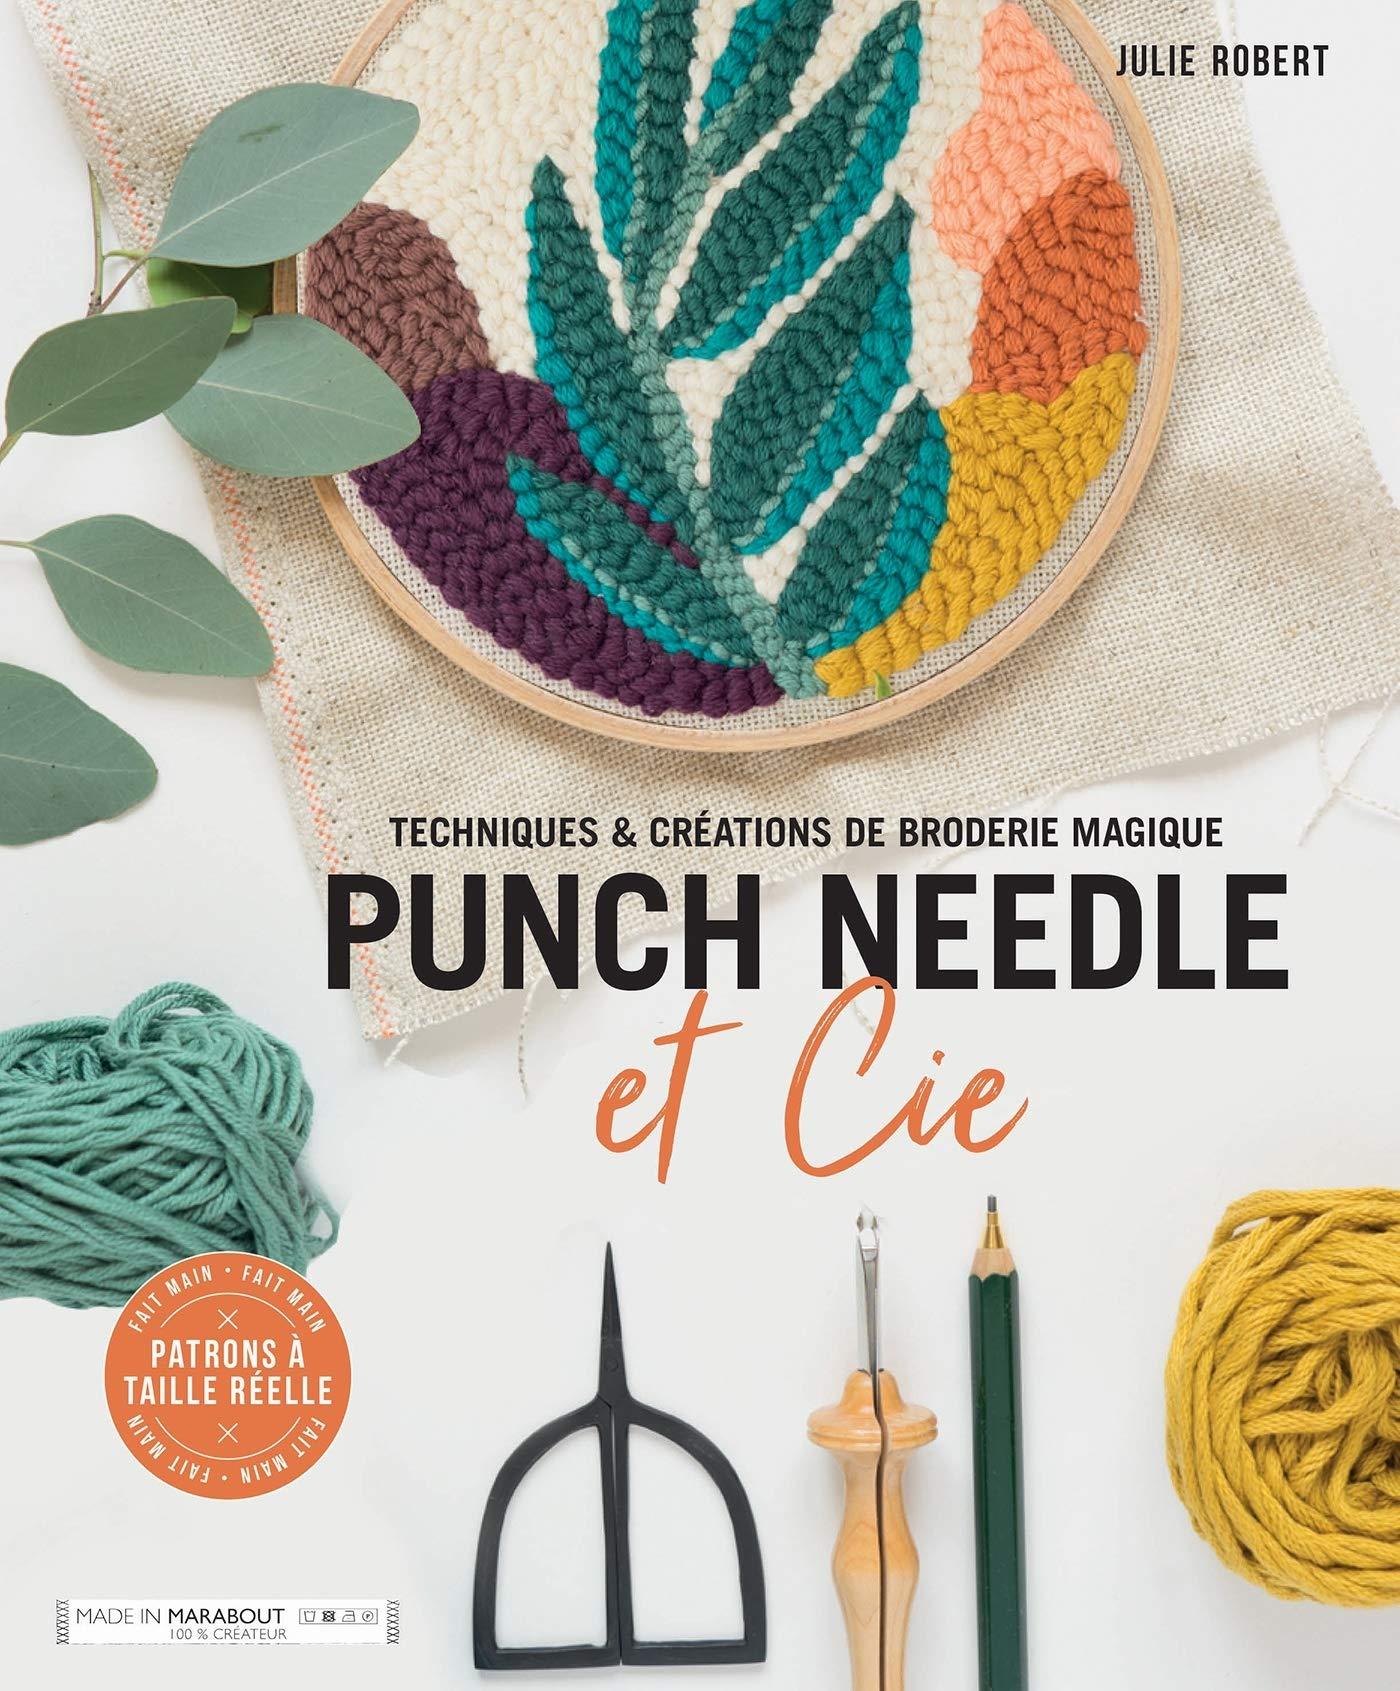 Punch Needle et Cie